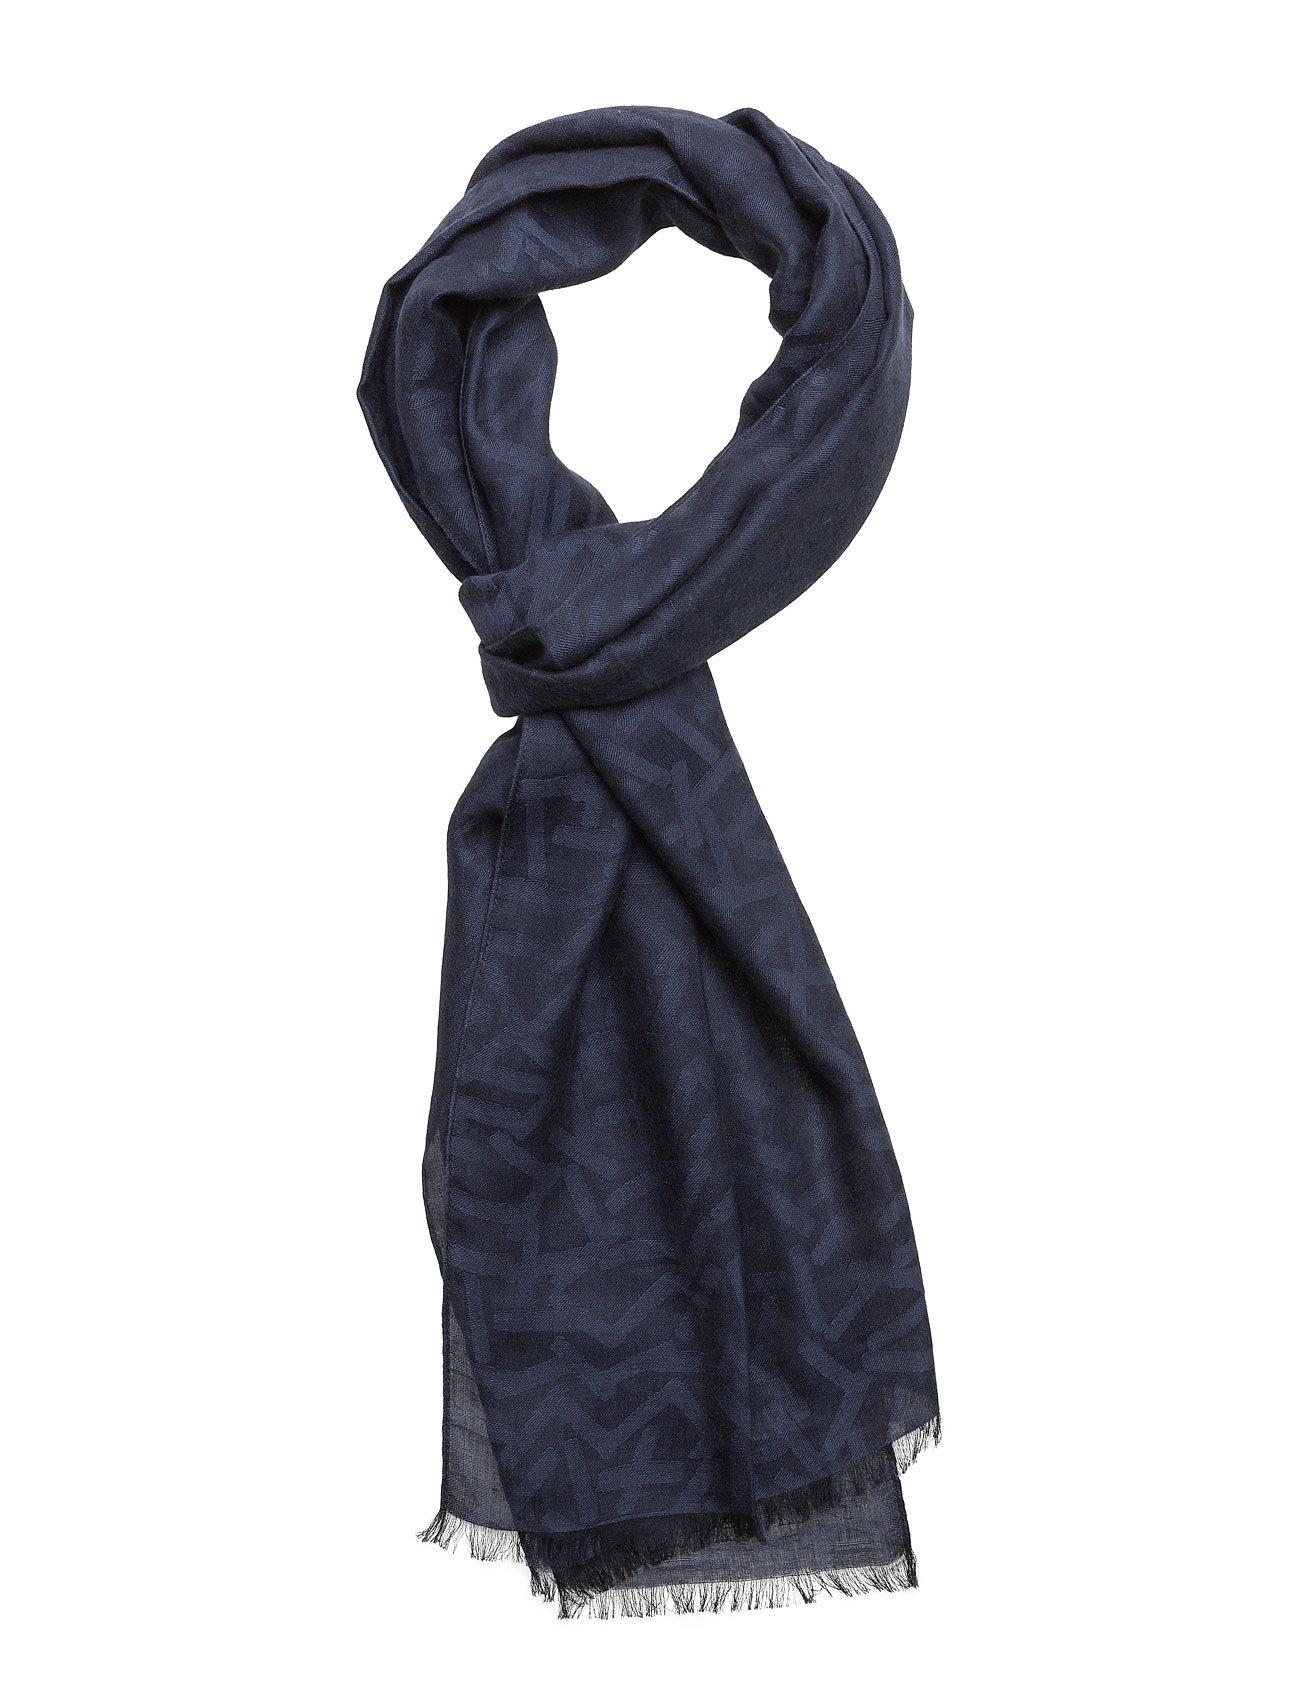 Noon BOSS Orange Halstørklæder til Herrer i Mørkeblå